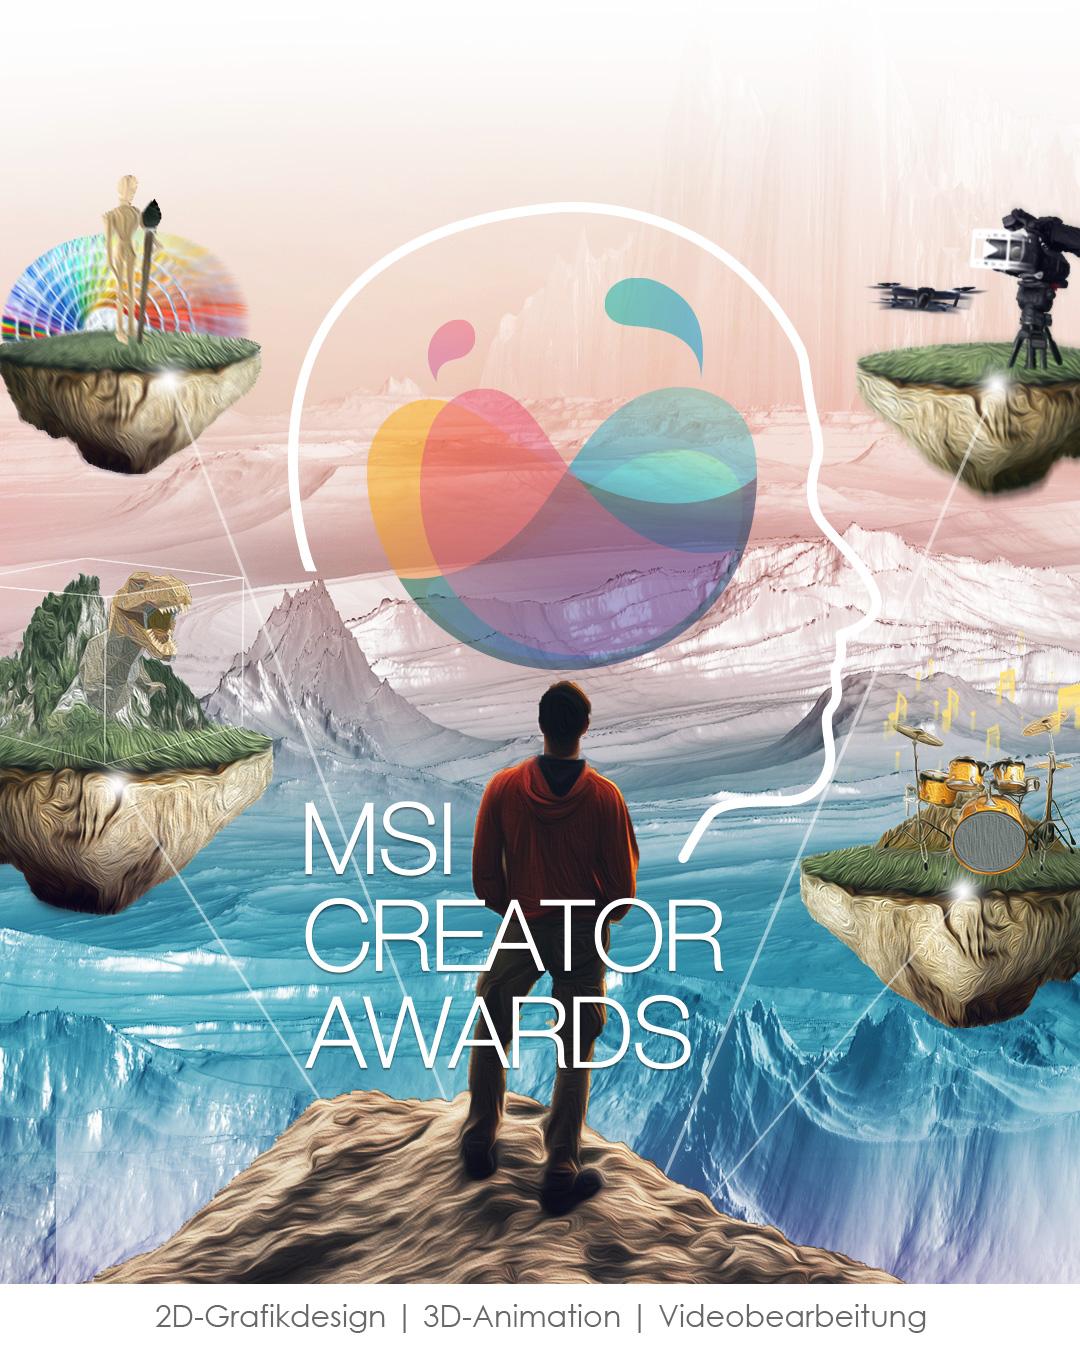 MSI Creator awards